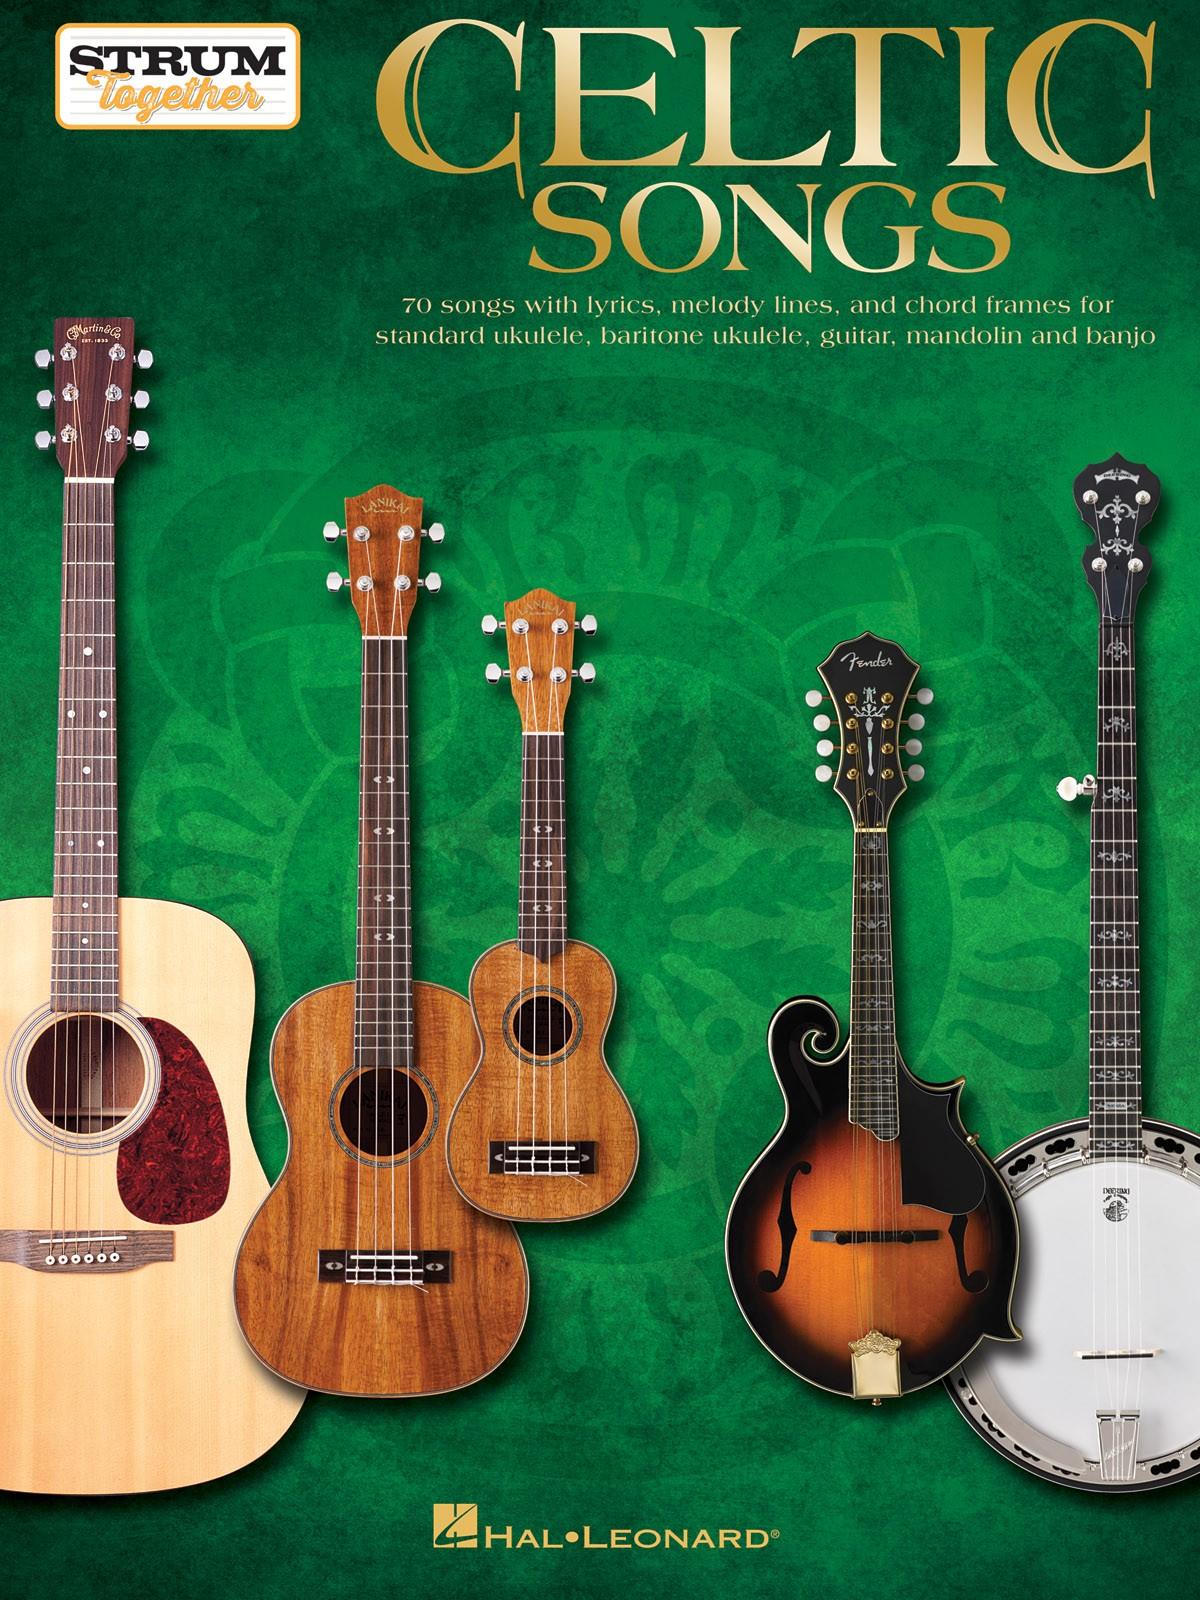 CELTIC SONGS Ukulele / Mandoline / Guitare / Banjo - AB ROAD